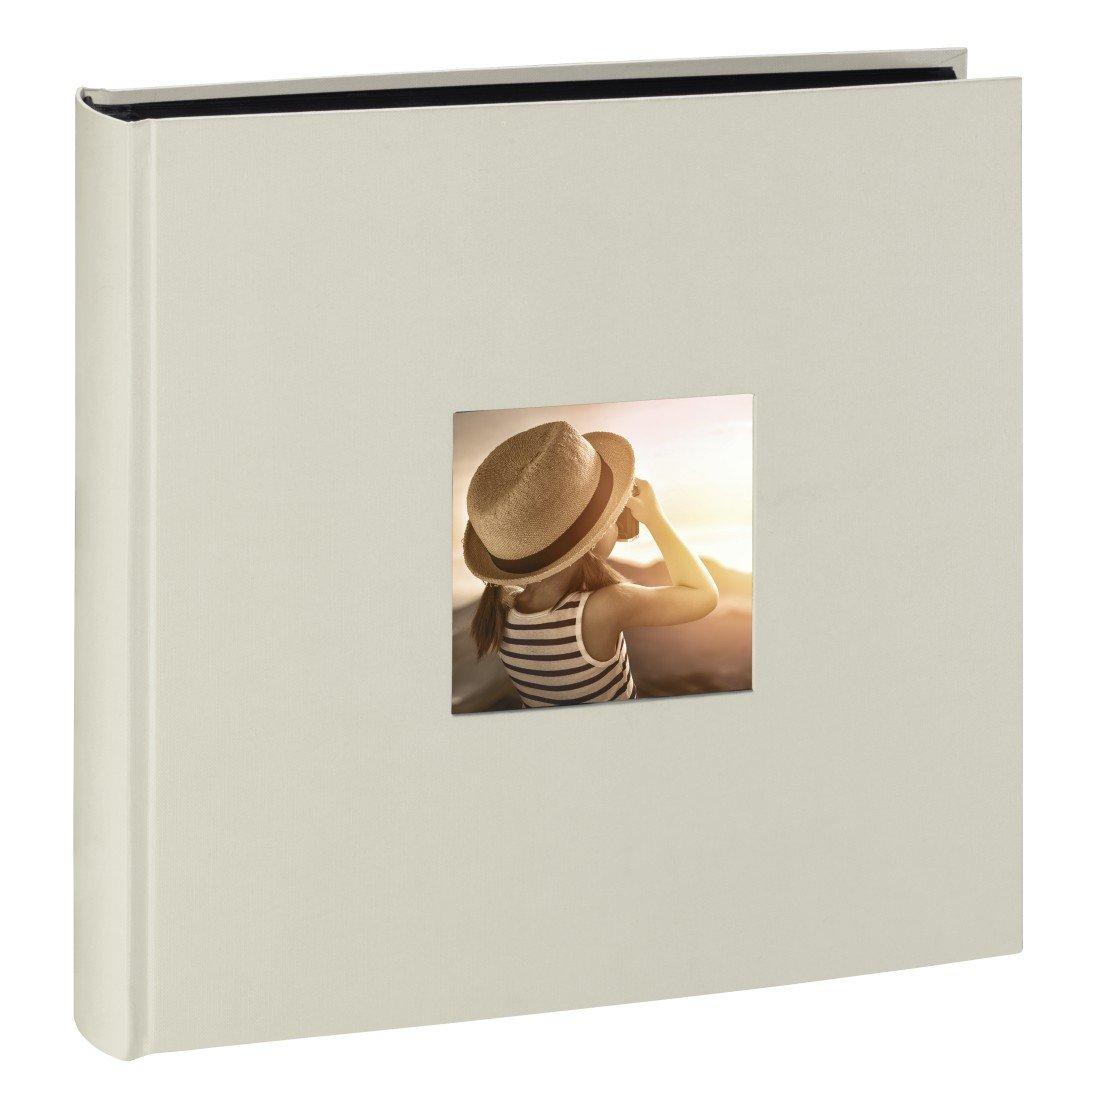 Álbum de fotos de Bellas Artes (30 x 30 cm, 100 páginas negras, 50 hojas, con recorte para insertar una imagen), tiza Hama 00002344